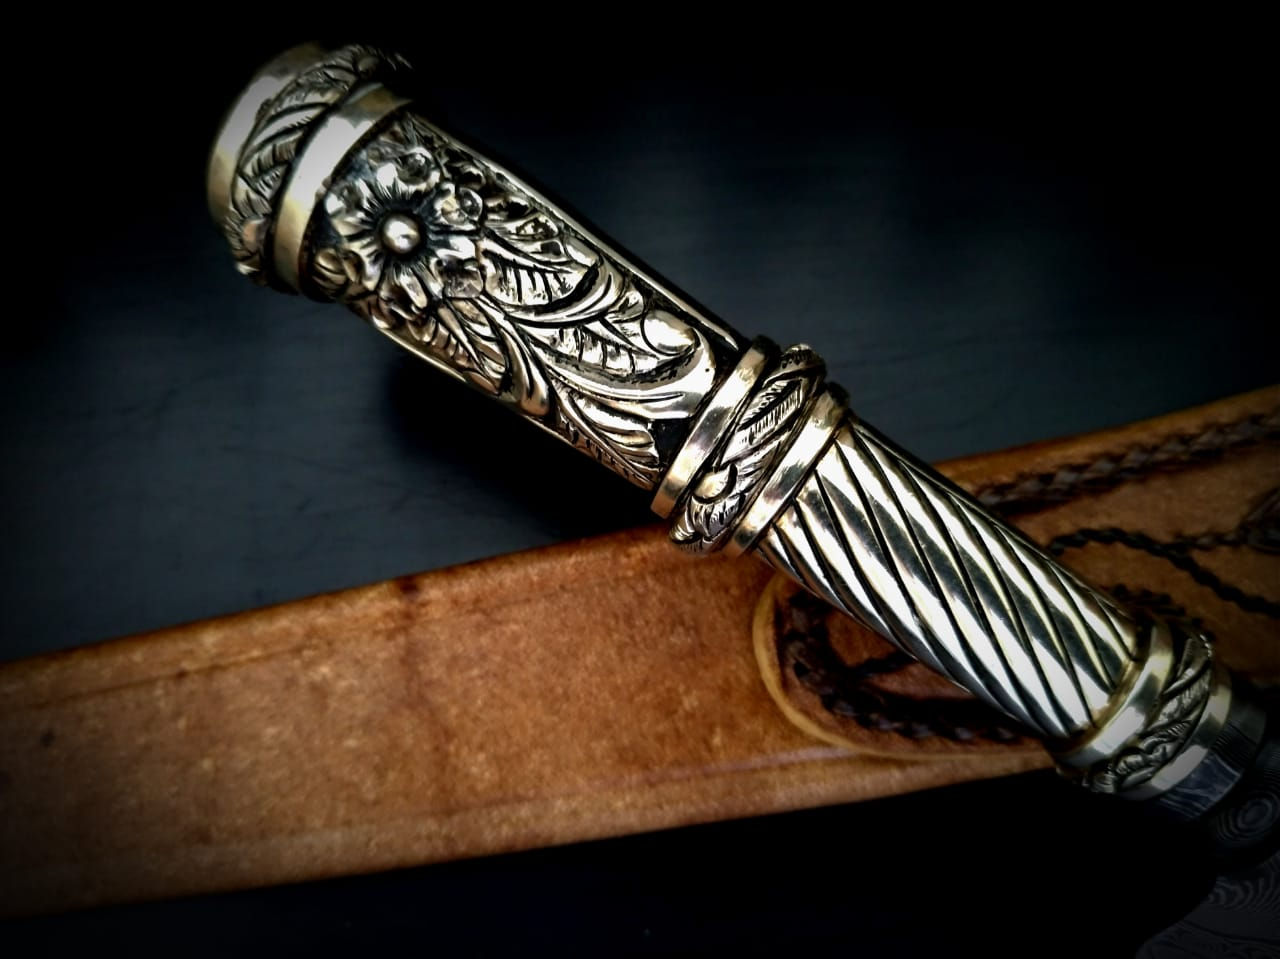 Faca artesanal forjada em aço de damasco padrão aleatório modificado 11 polegadas